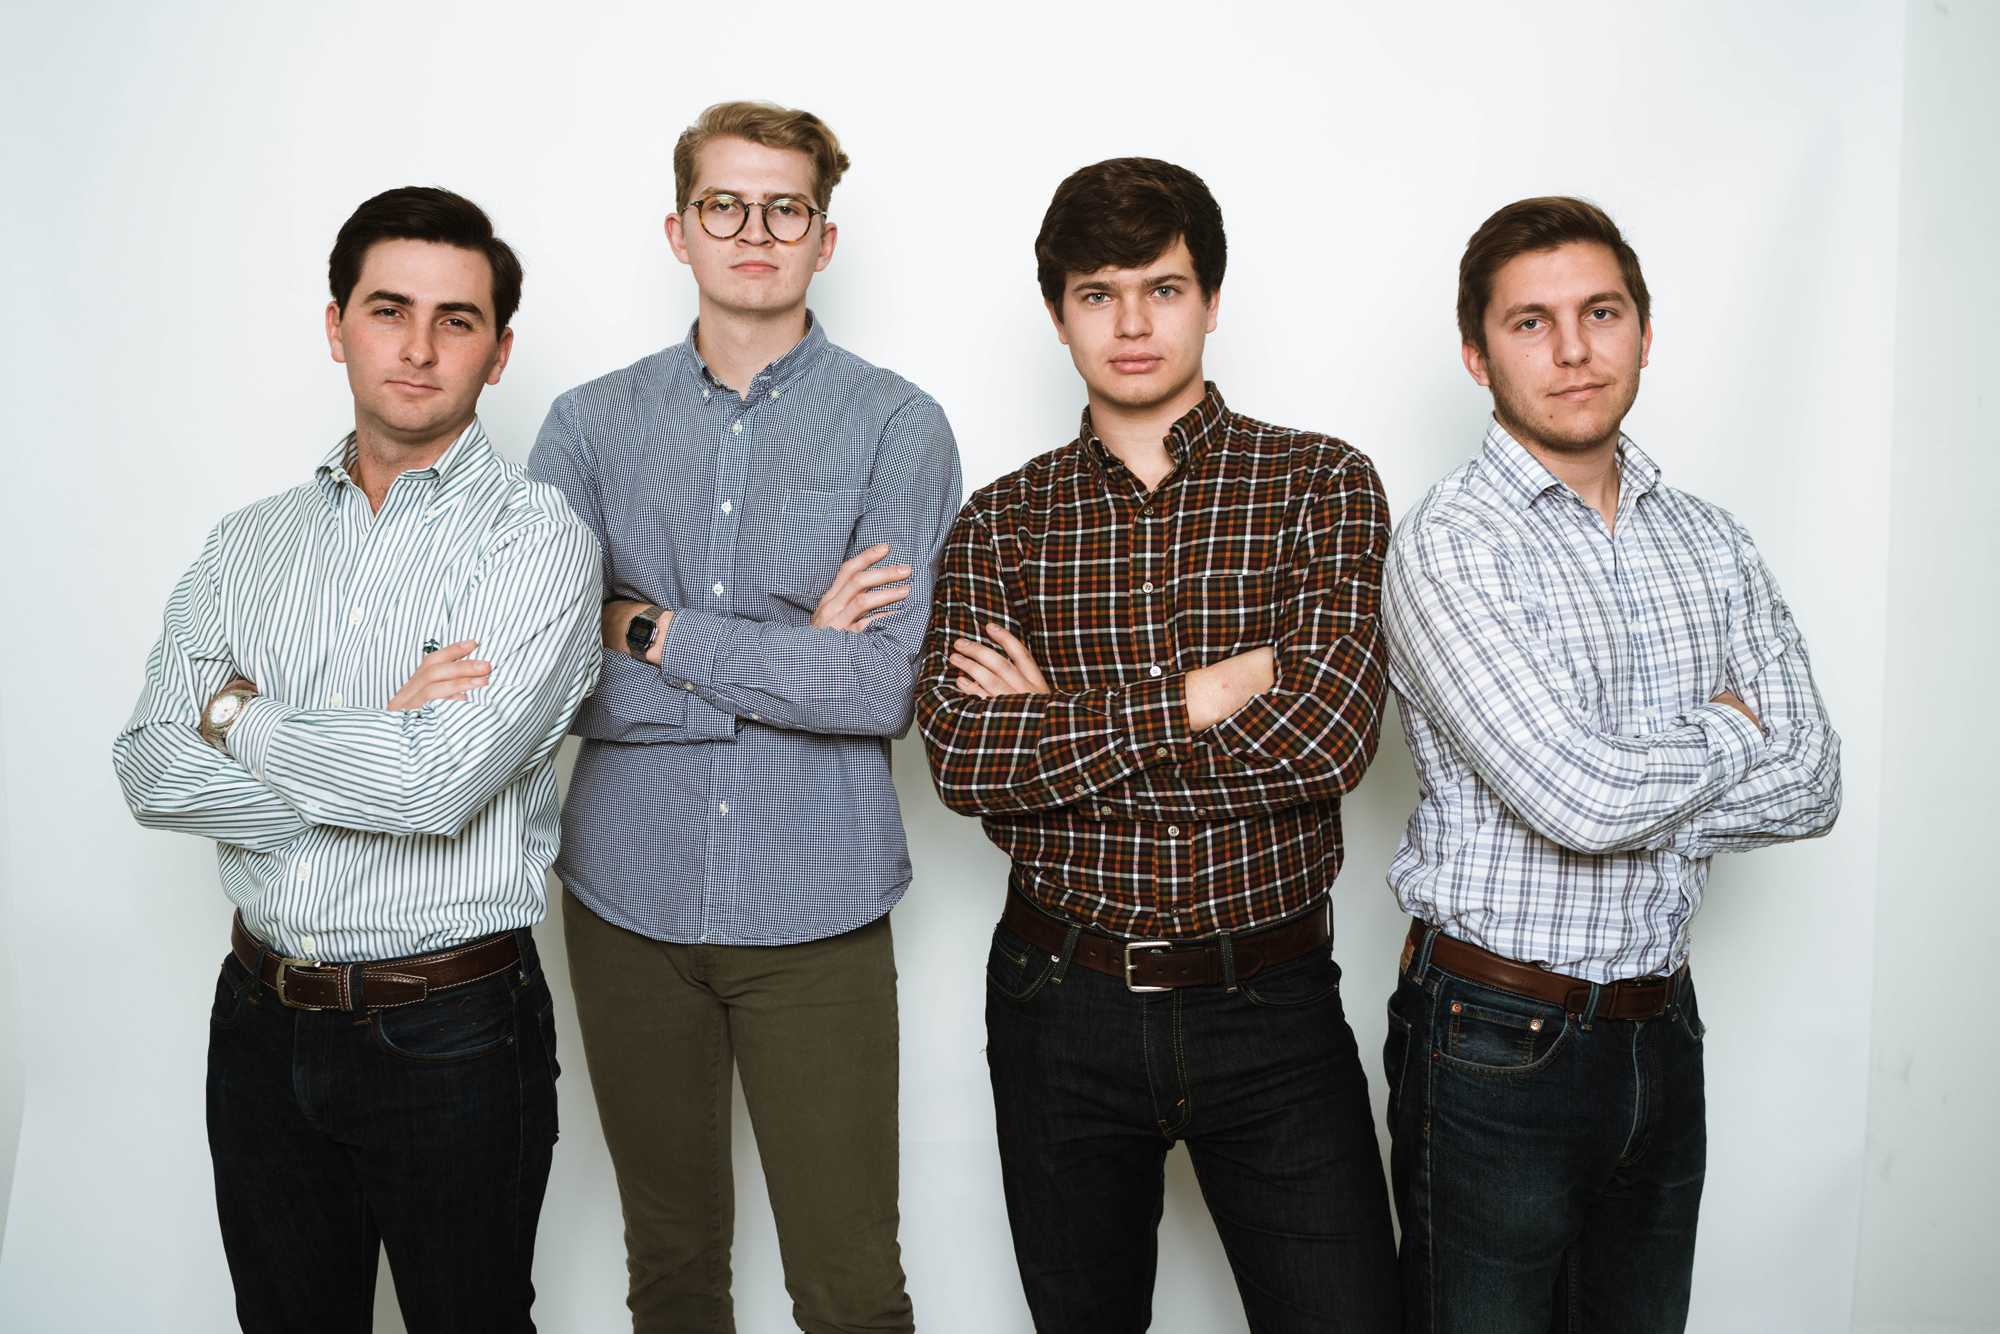 From left: Logan Matthews, COO, Jonathan Rankin, Creative Director, Bruce Brookshire, CTO, Carson Ward, CEO